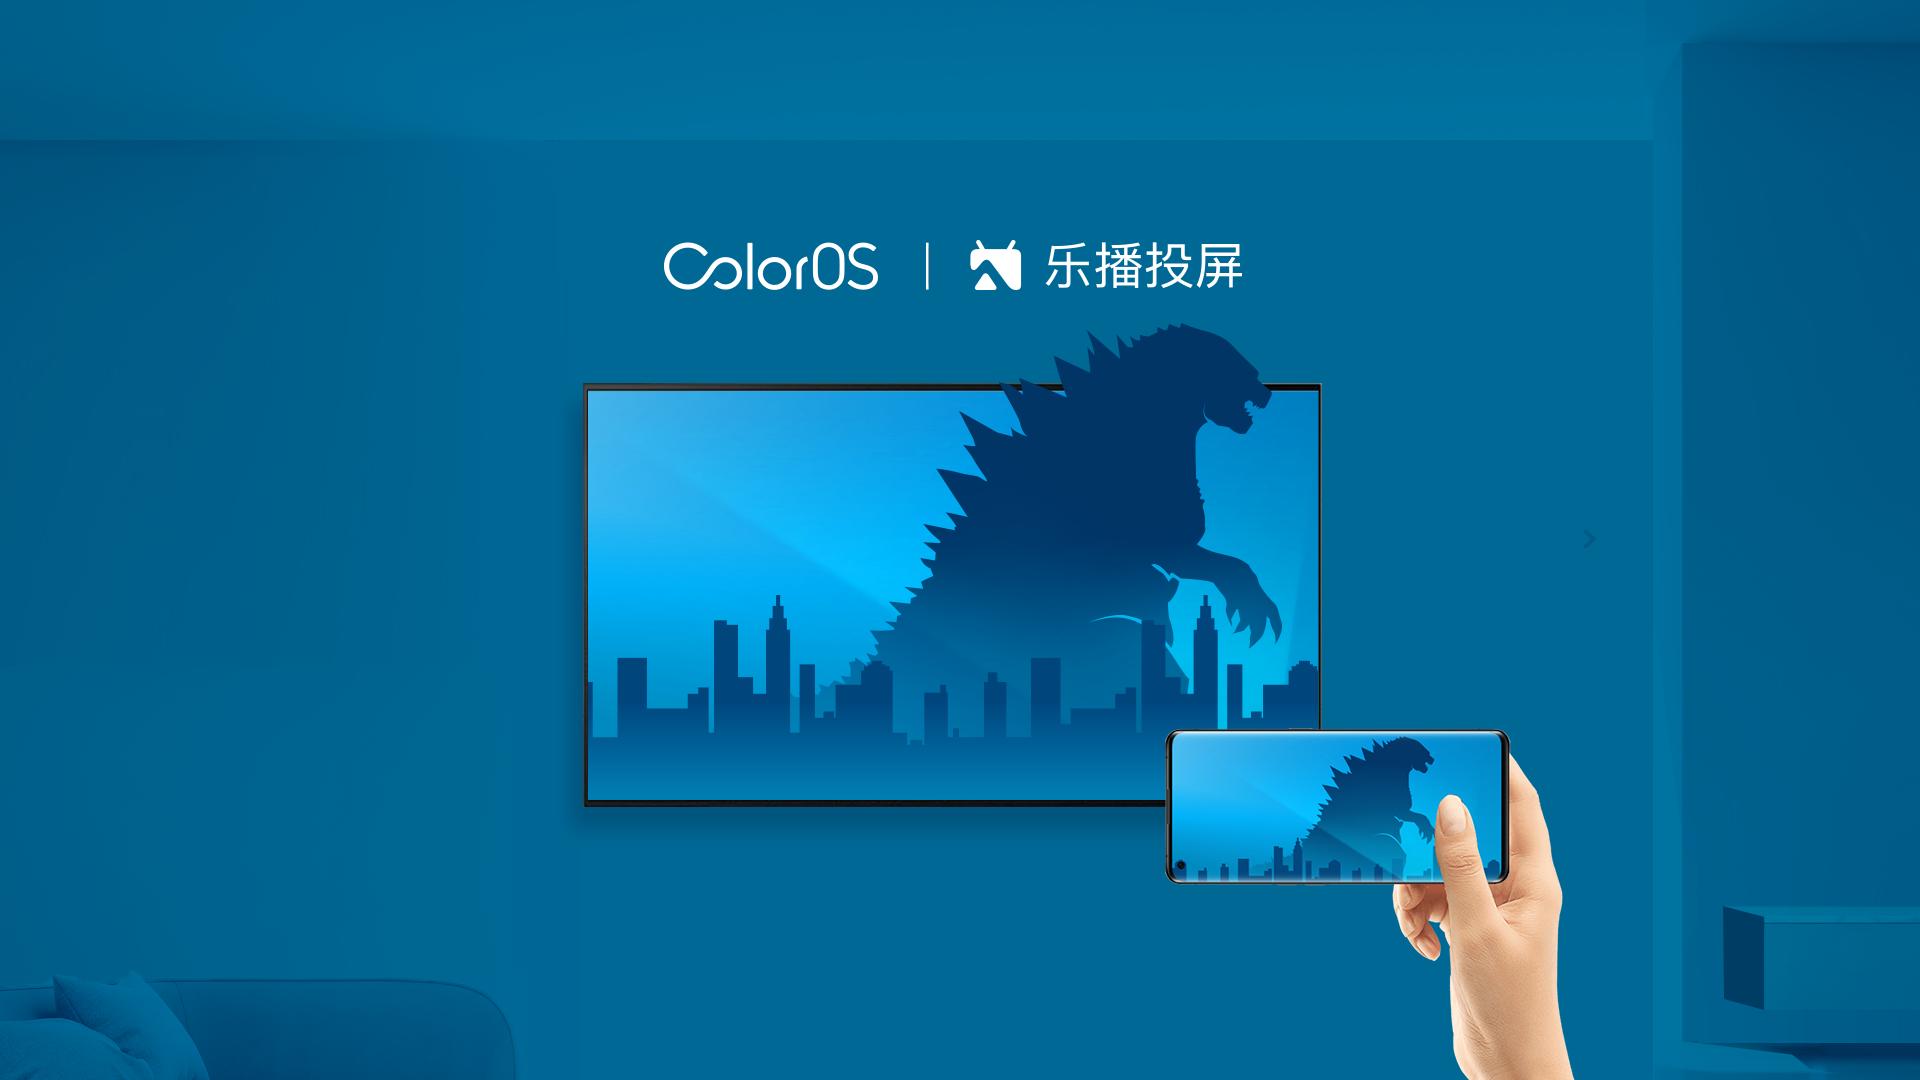 OPPO 牵手乐播投屏,ColorOS用户尽享无线投屏新体验